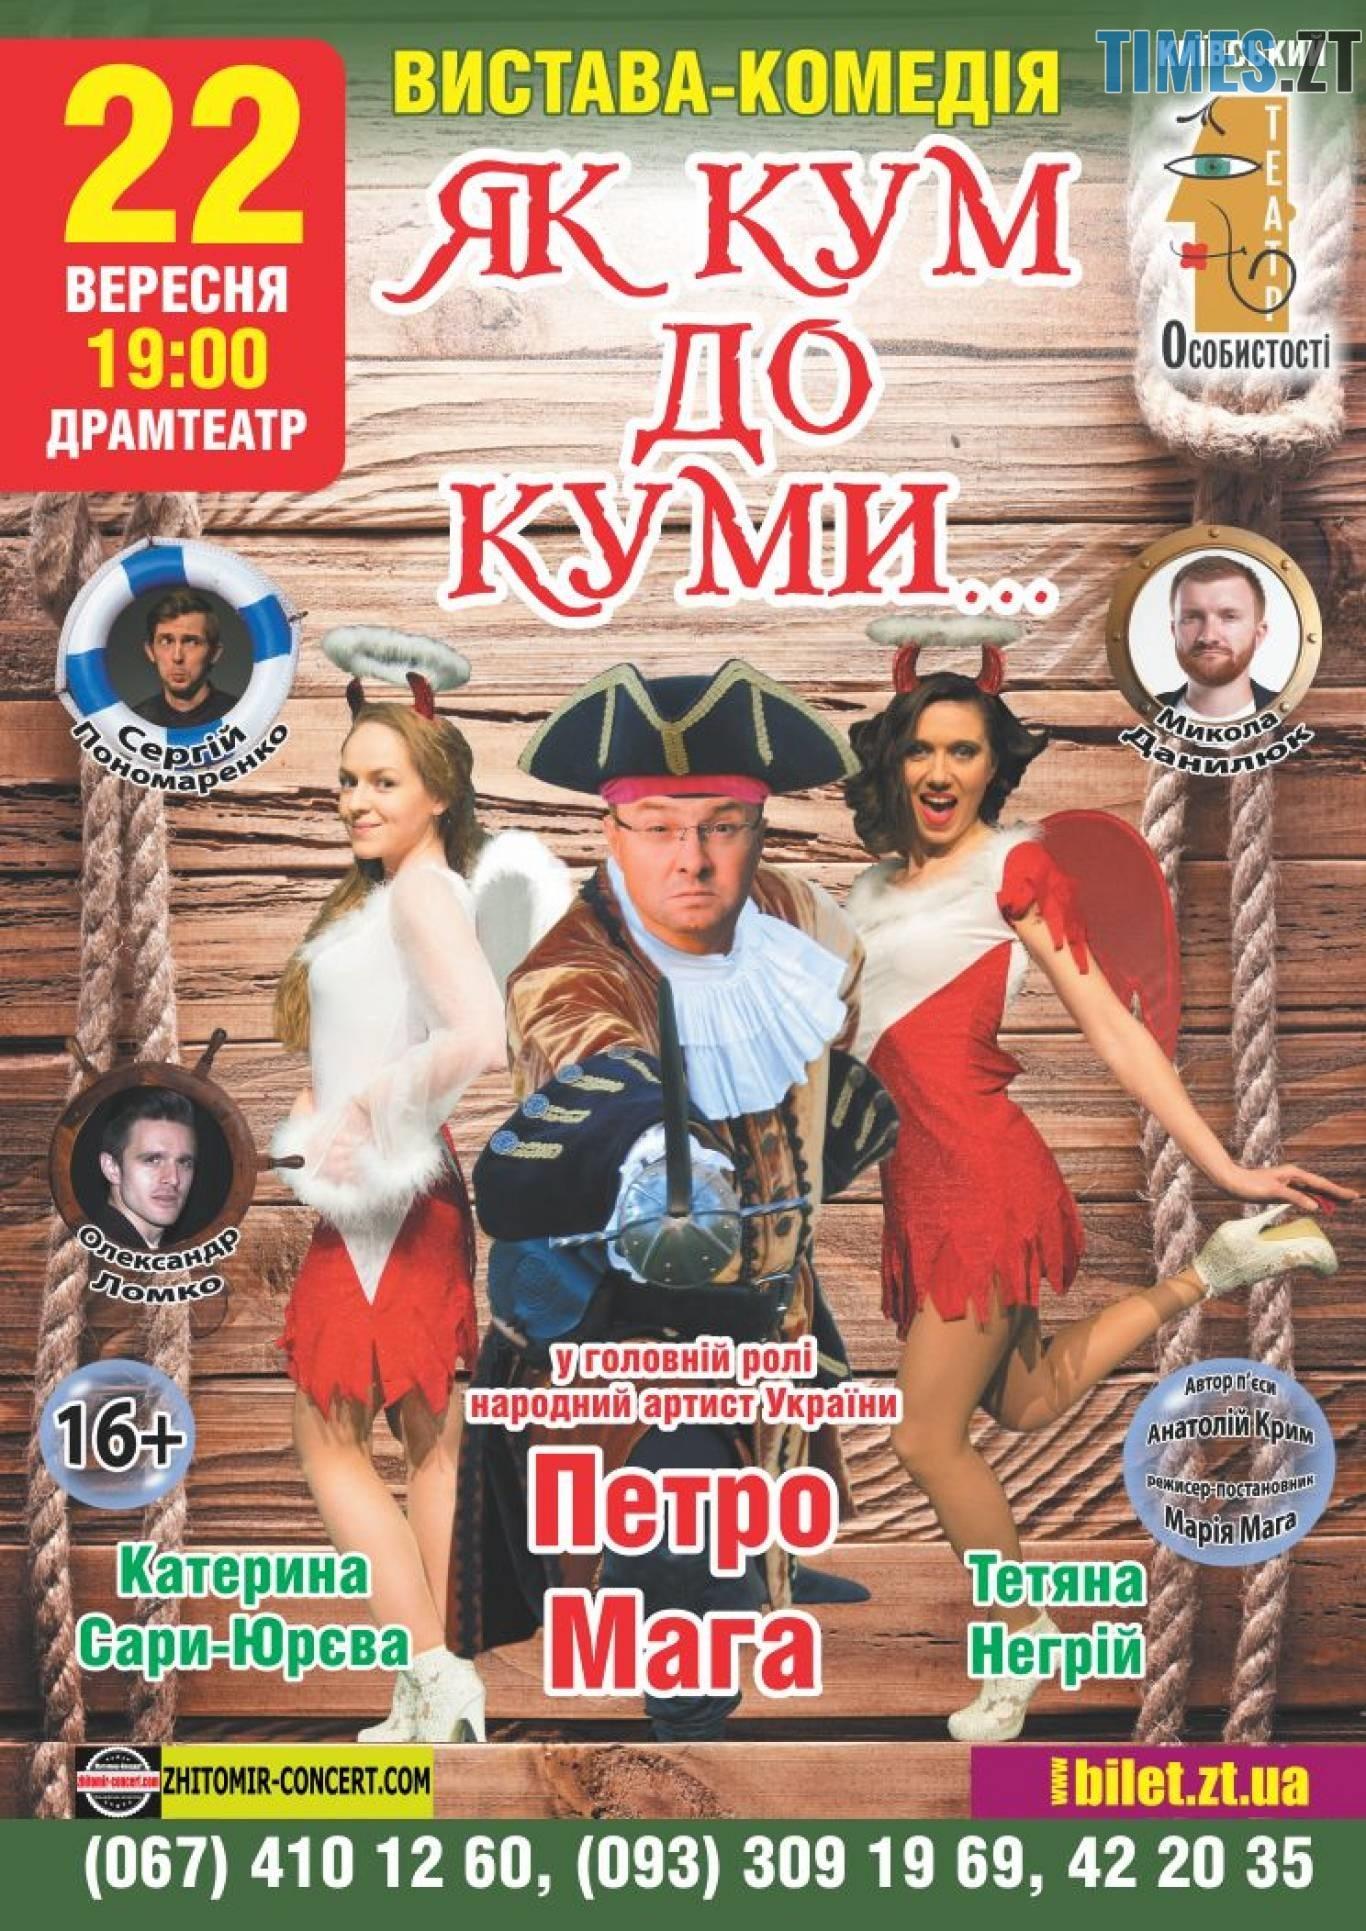 947eda22b66aa2935425026ffabd975b867897fc - Плани на вихідні: як провести вікенд у Житомирській області (АНОНСИ)